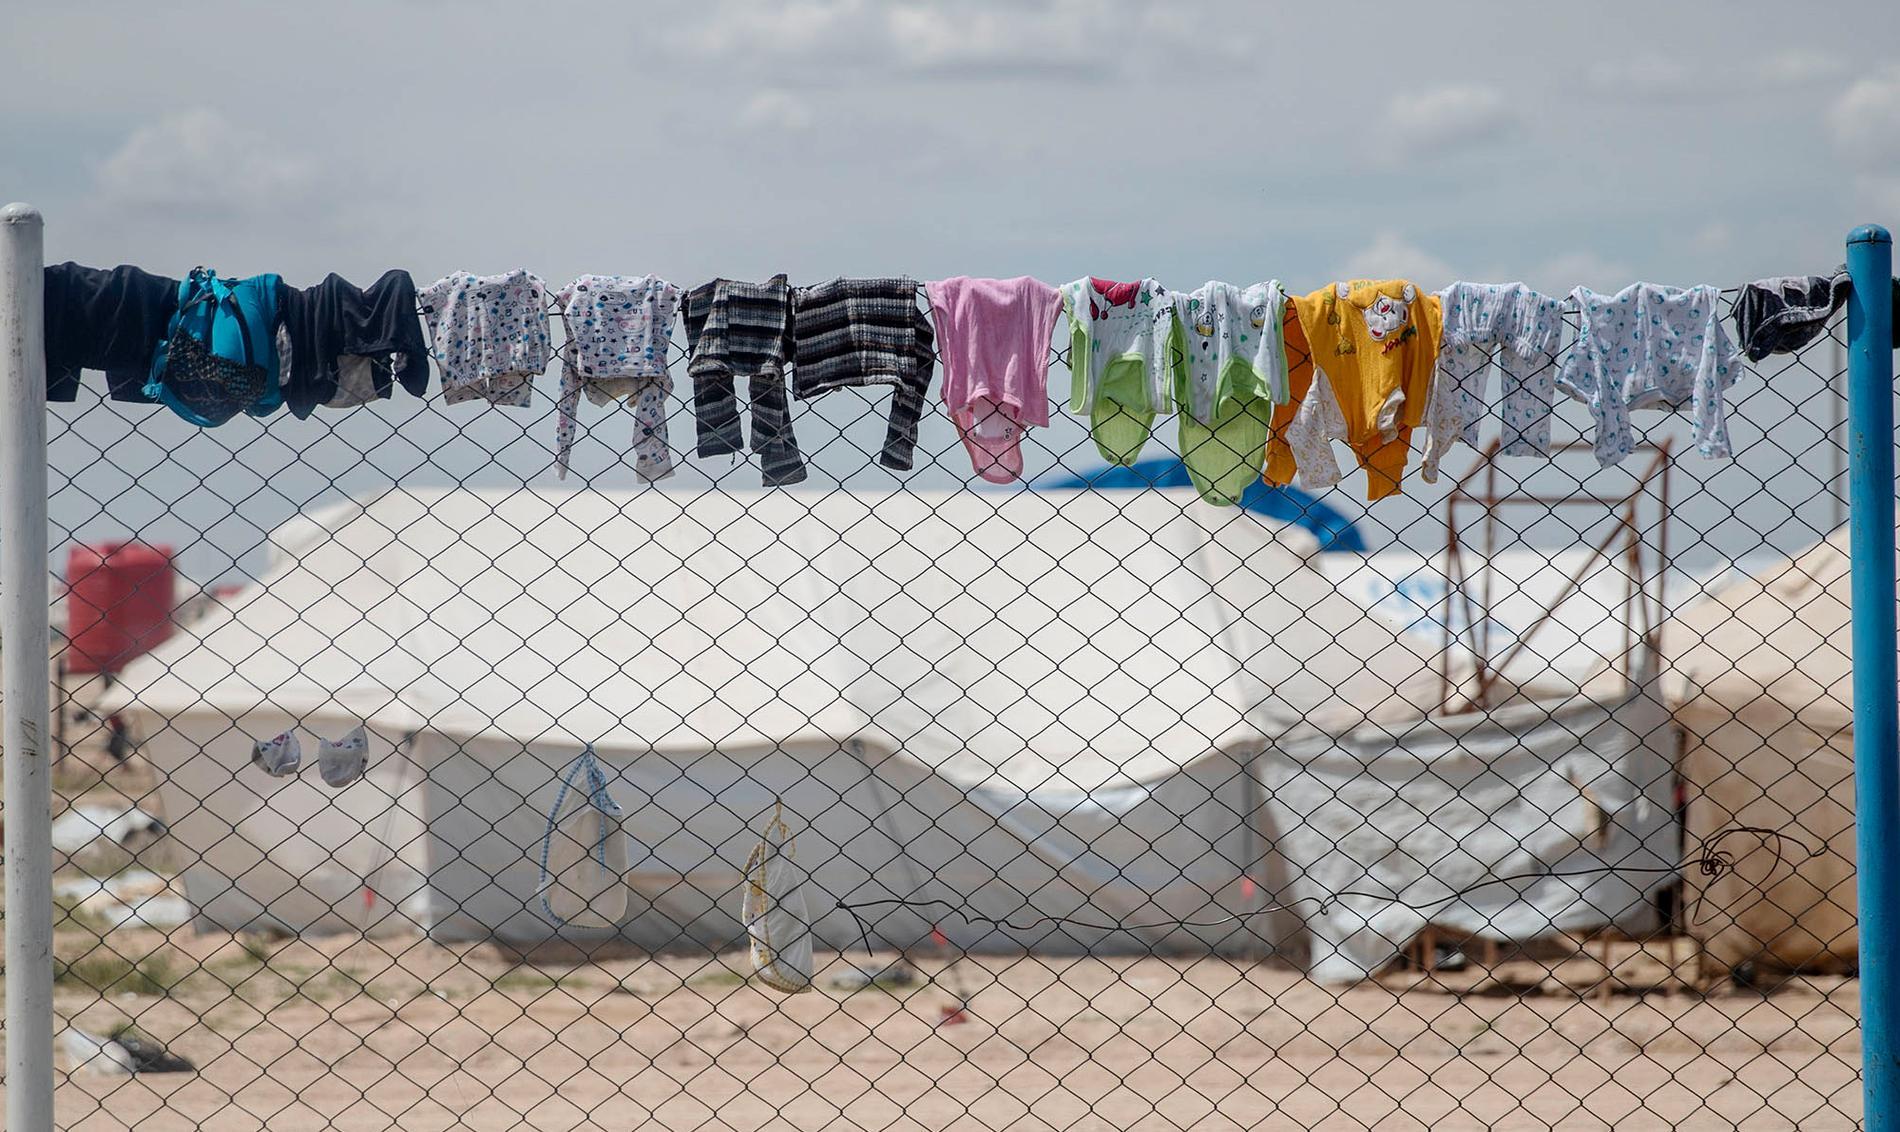 Flyktinglägret al-Hol i Rojava, Syrien där 77 000 IS-kvinnor och barn hålls fångna i väntan på beslut om vart de ska ta vägen. Över 60 barn med svenska rötter finns i lägret och i nuläget vet ingen vad som kommer att hända med dem.